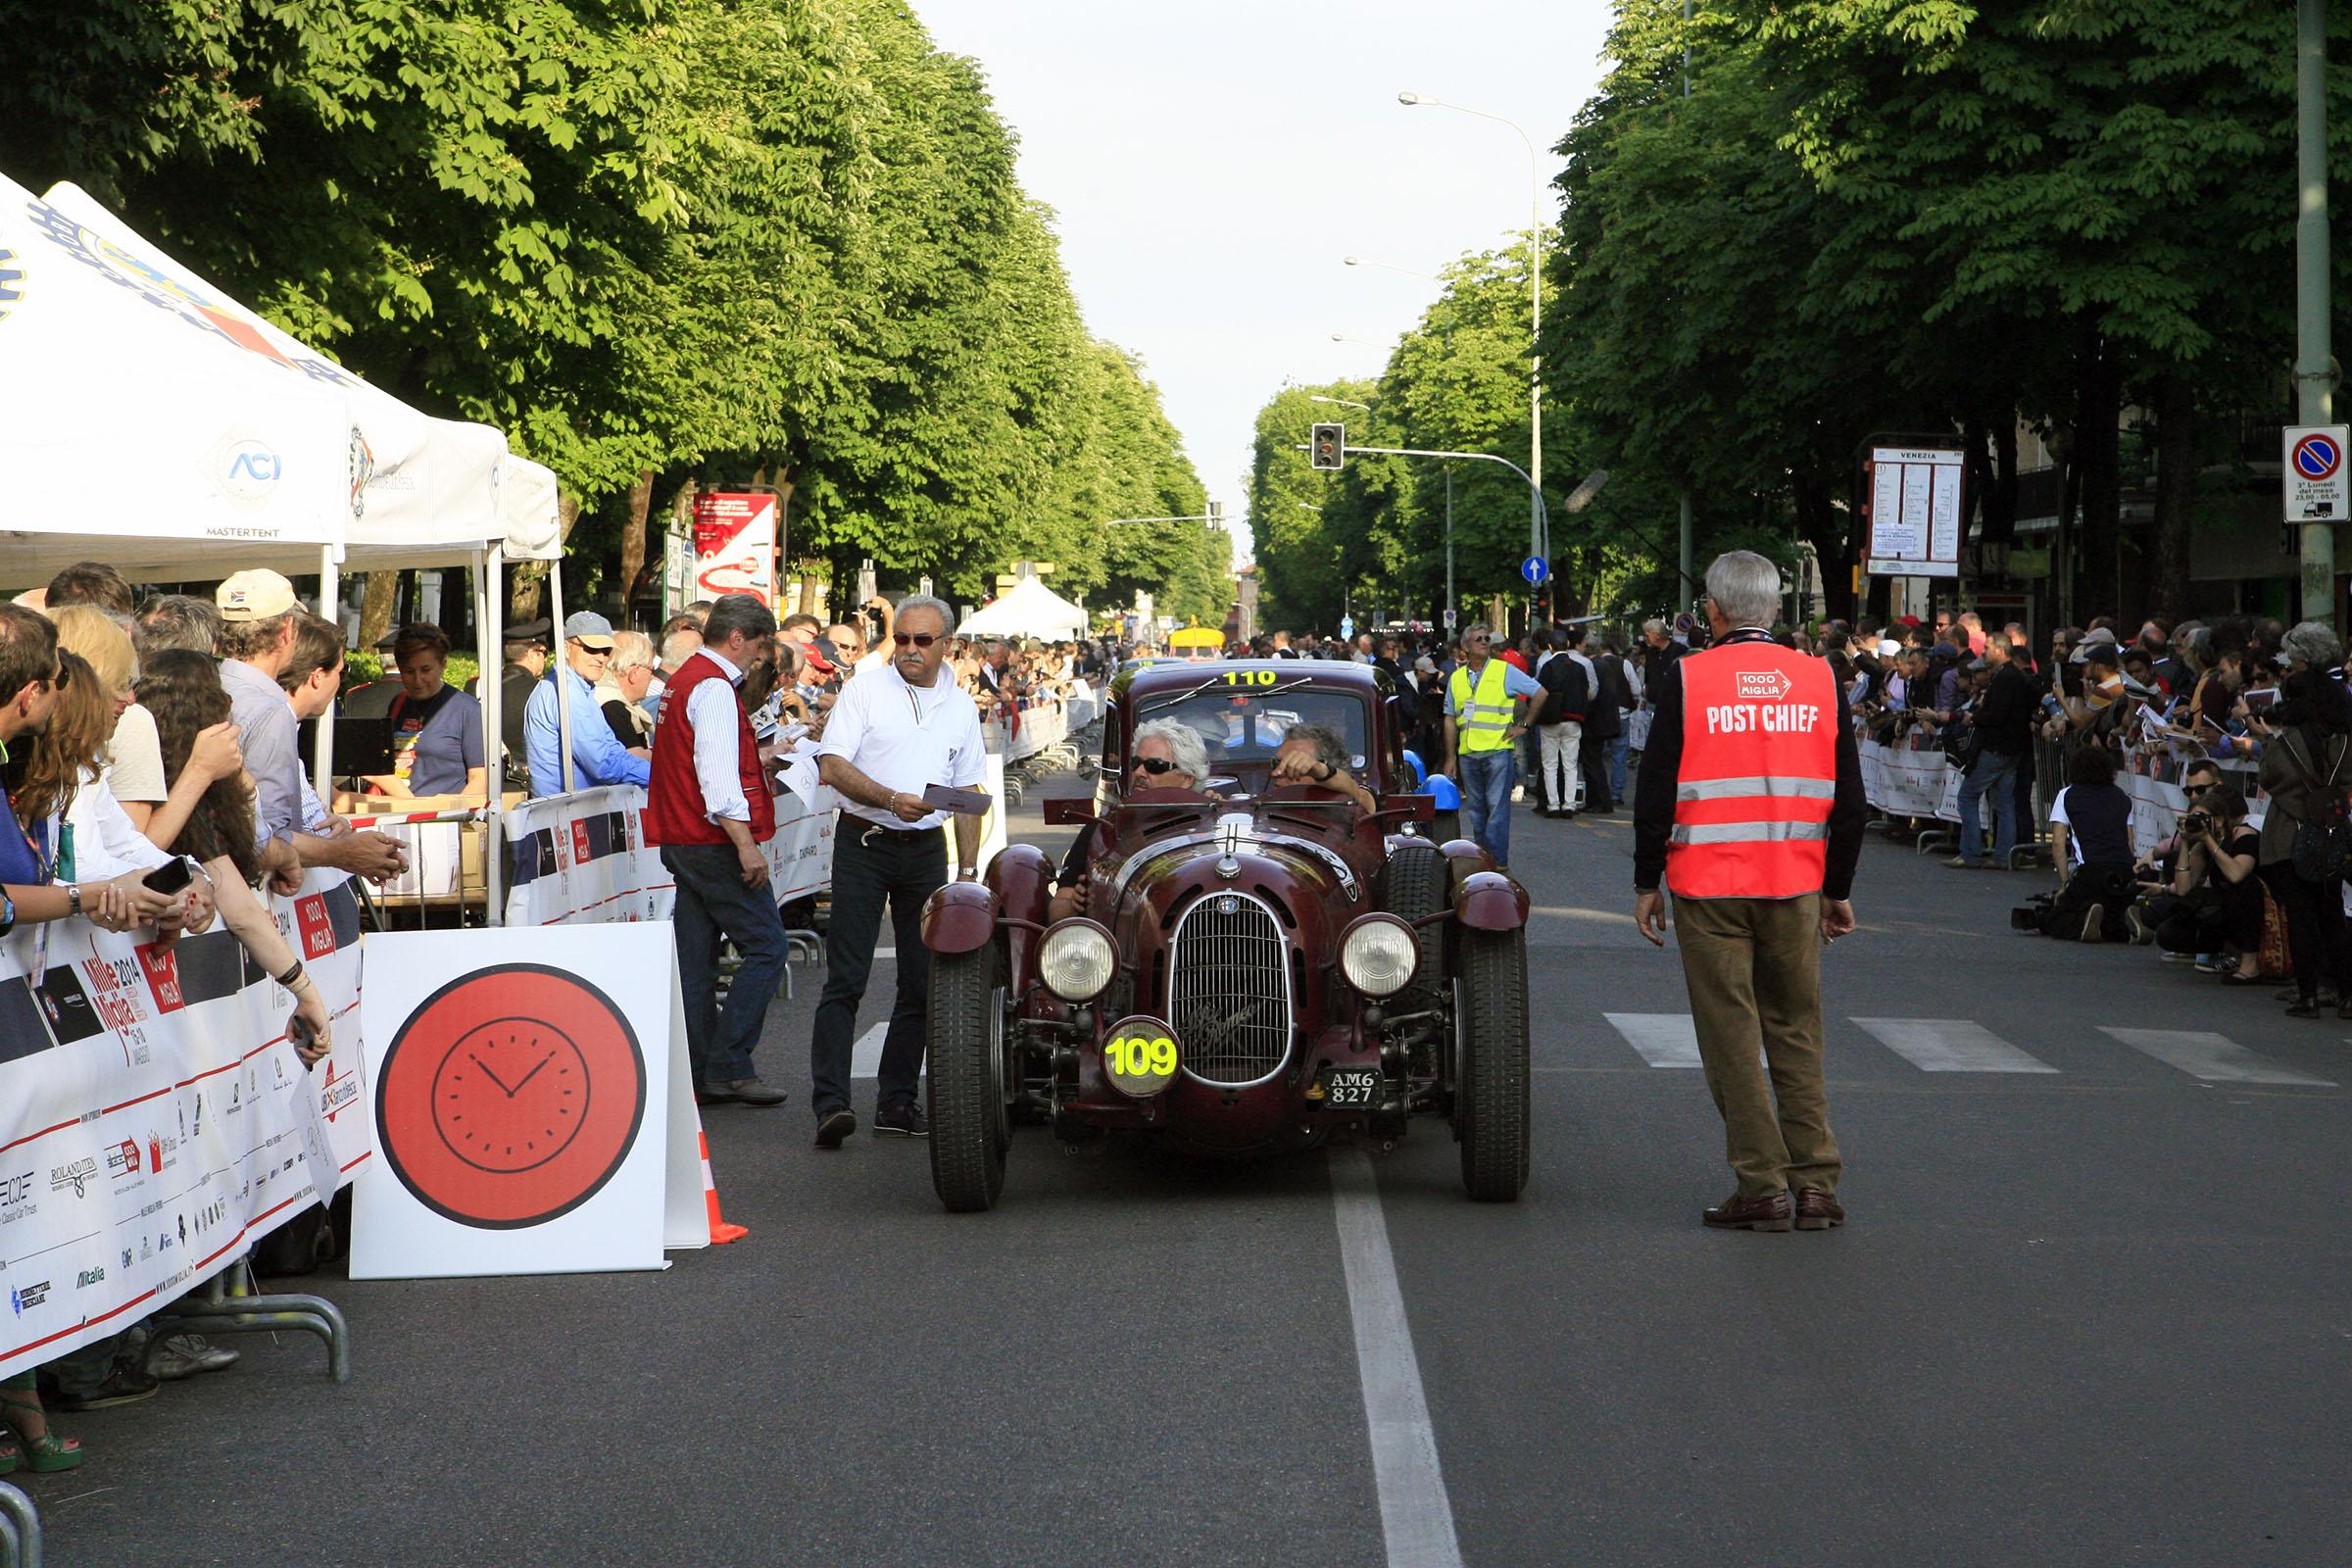 109 - VAN HAREN Frans( NL) - Alfa Romeo 8C 2900 A (1936) MM